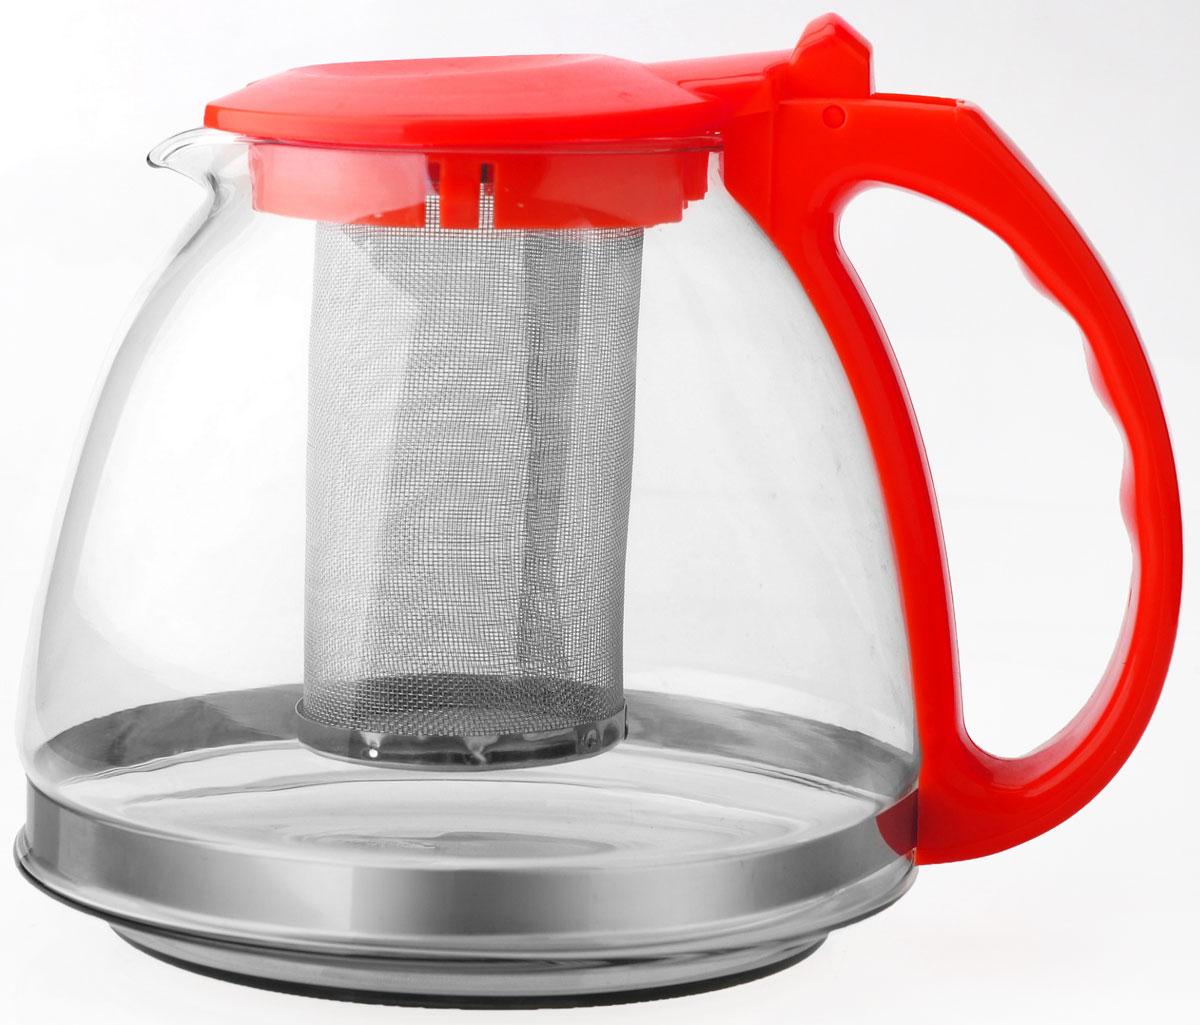 Стильный заварочный чайник отлично впишется в ваш интерьер. Благодаря фильтру заваривать в нем чай очень удобно!